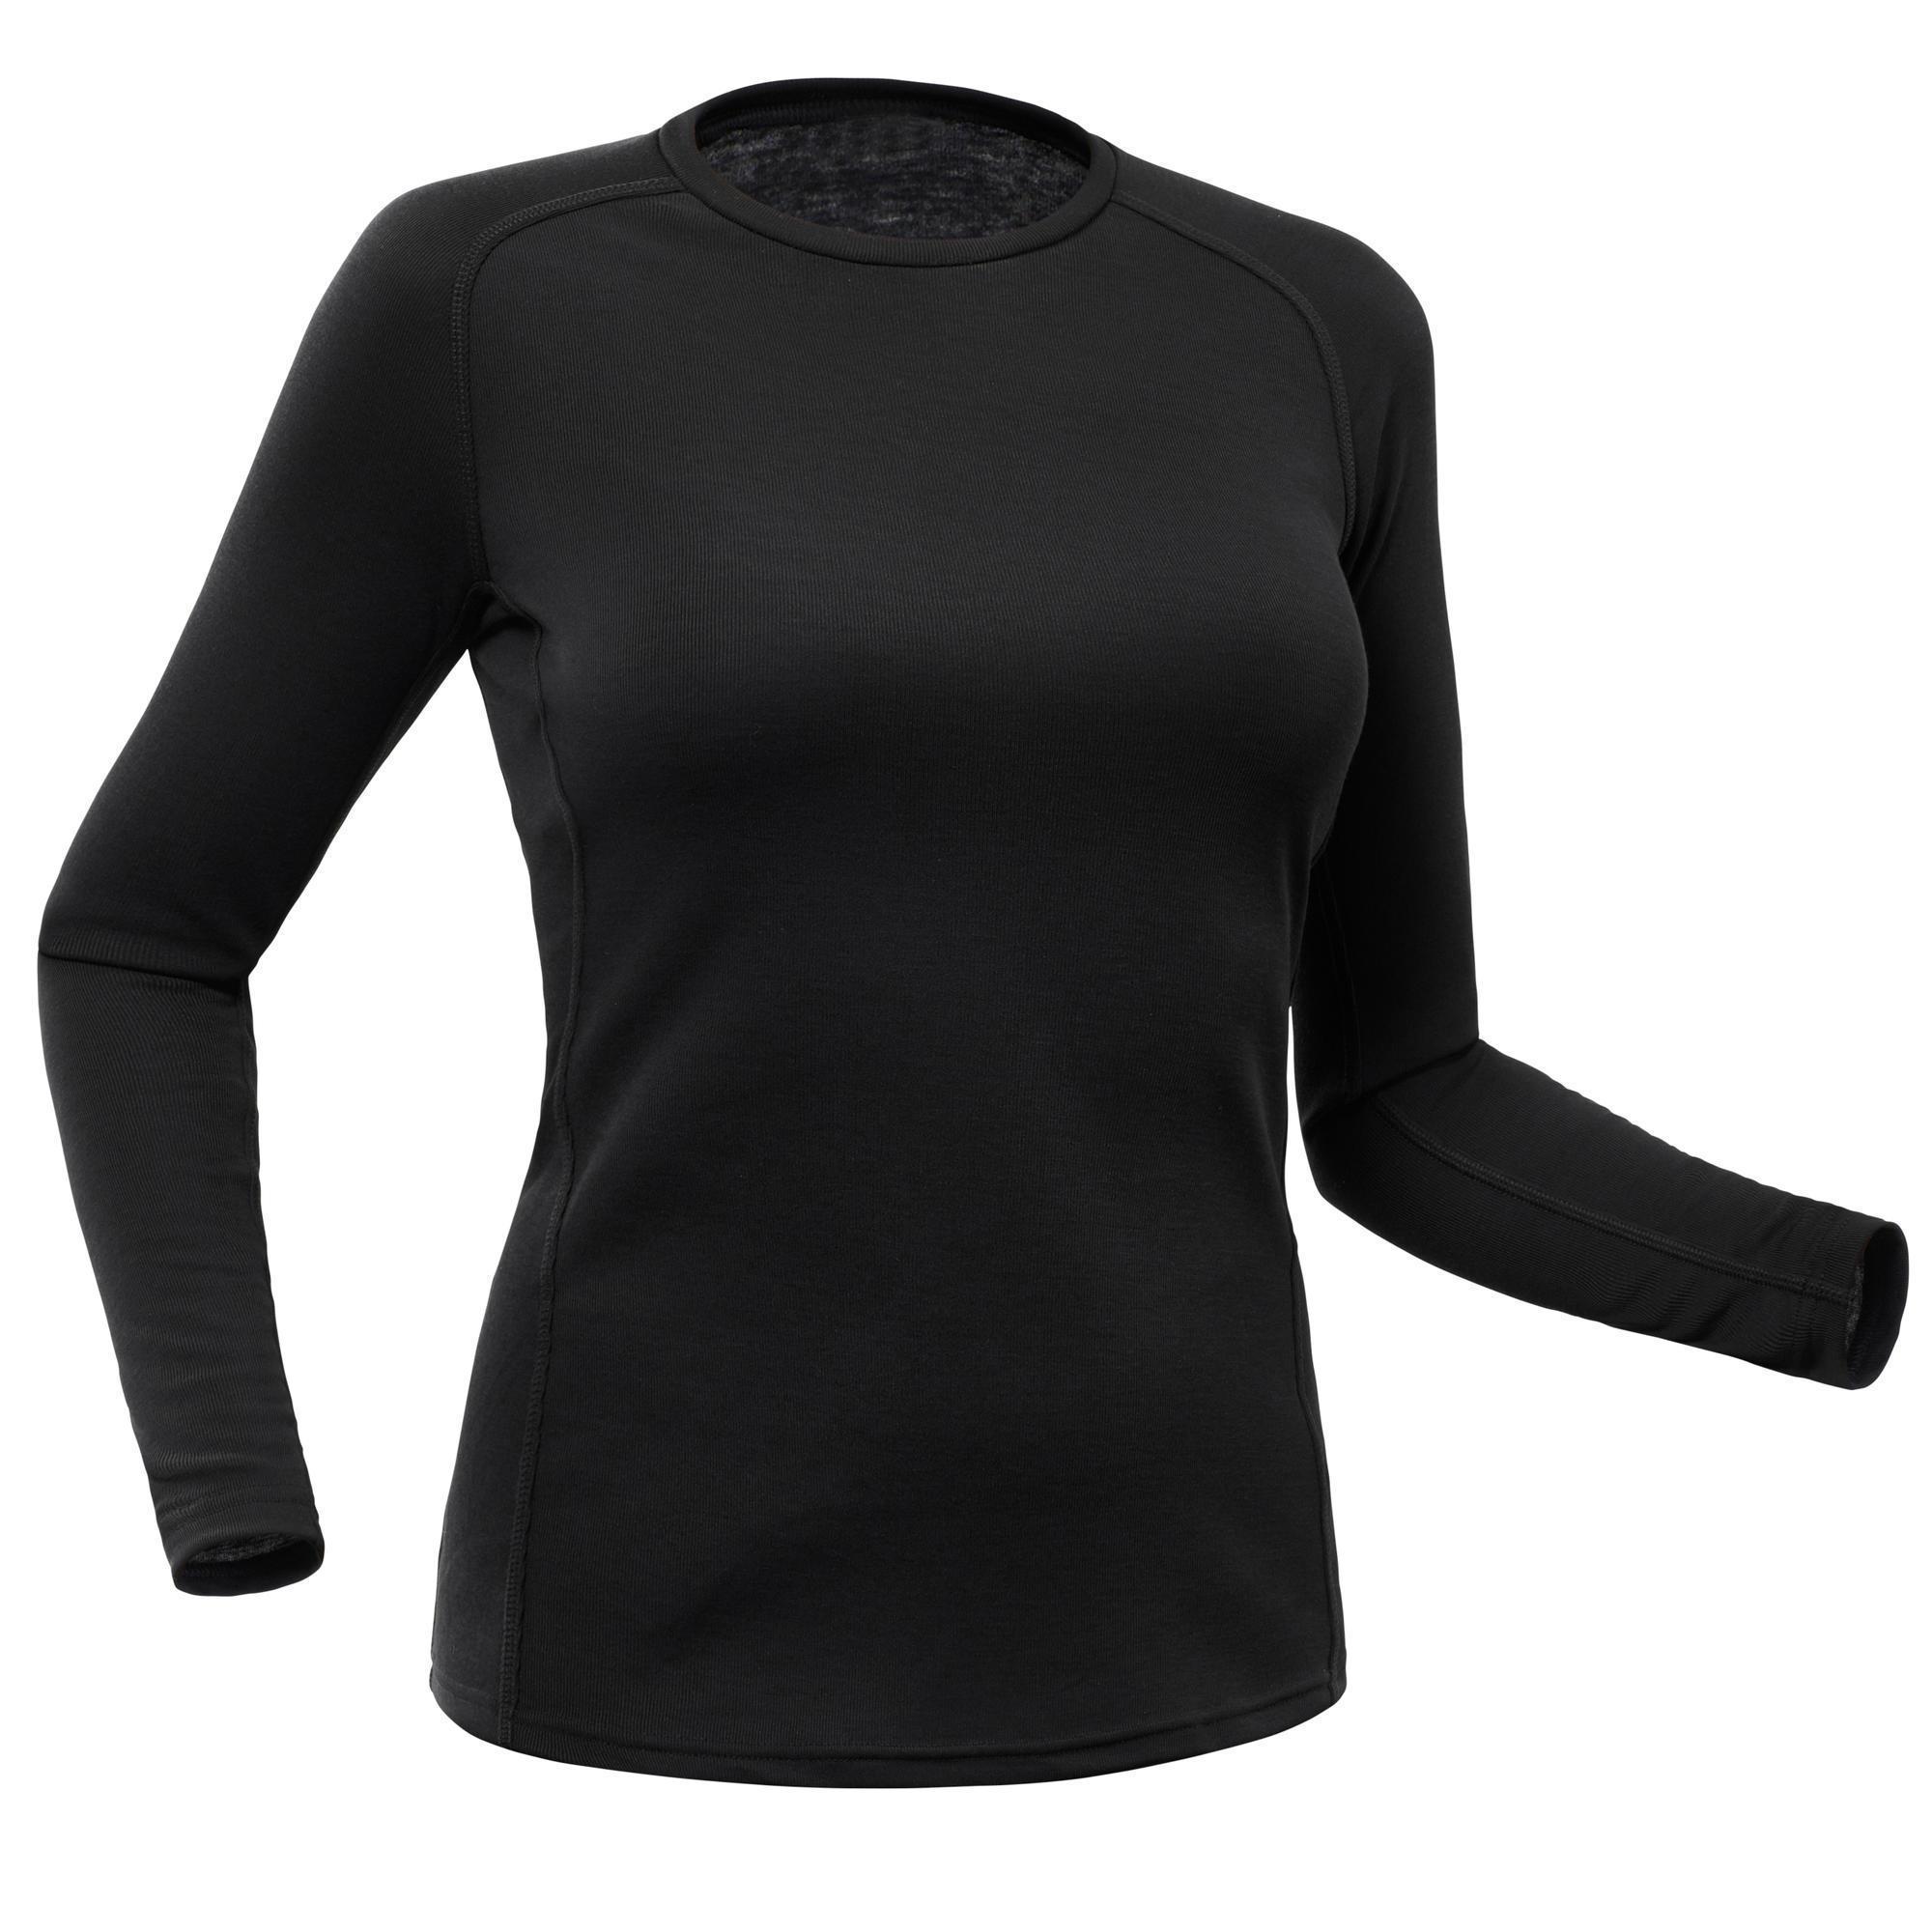 Skiunterhemd 100 Damen schwarz | Sportbekleidung > Funktionswäsche > Thermounterwäsche | Wed'ze